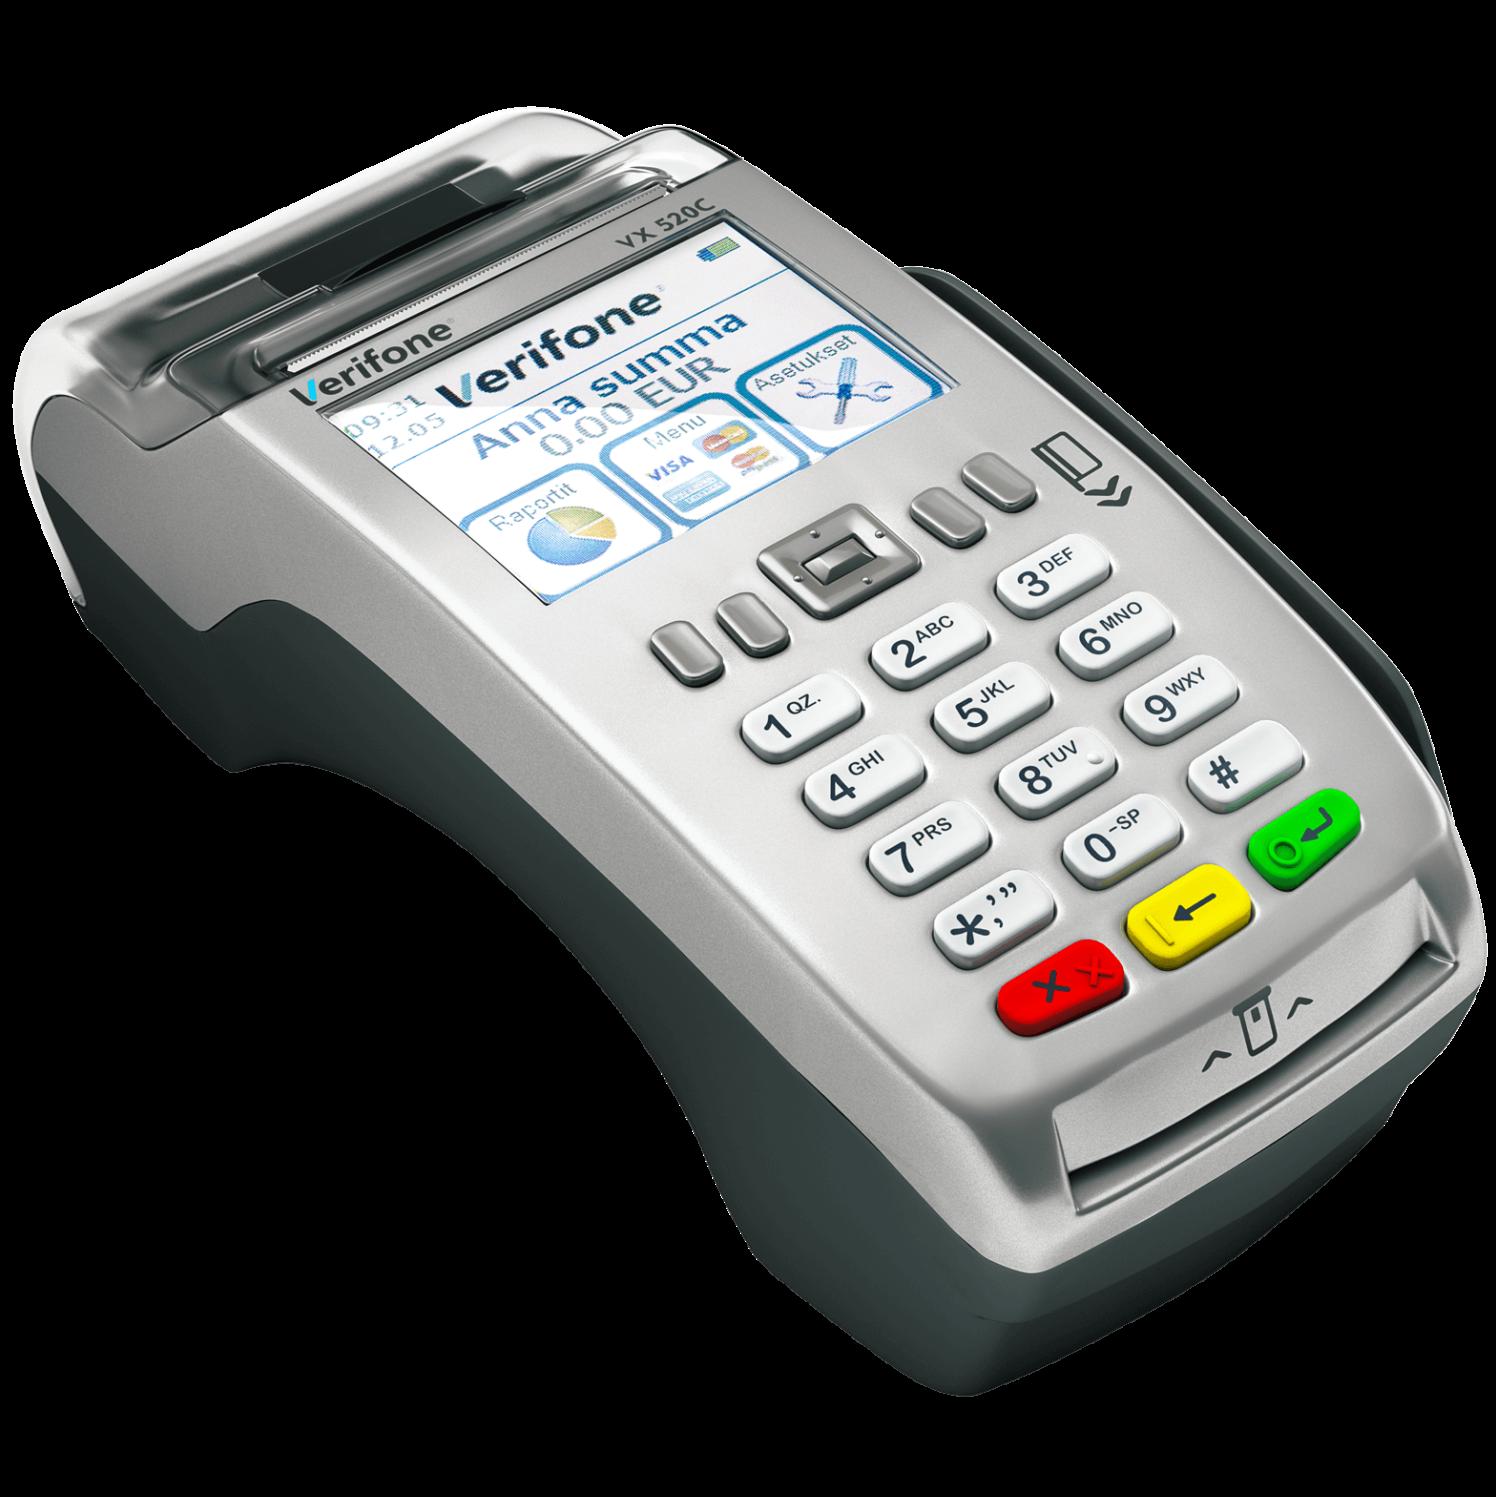 Pöytämallinen maksupääte VeriFone VX 520C on täydellinen ratkaisu maksutapahtumien vastaanottamiseen! Maksupäätteessä on sekä LAN -että 3G-yhteys sekä tehokas akku. Tämä mahdollisuuksia maksutapahtumien vastaanottamiseen lähes missä tahansa. Maksupäätteeseen voidaan liittää myös erillinen sirukortinlukija VX 820.